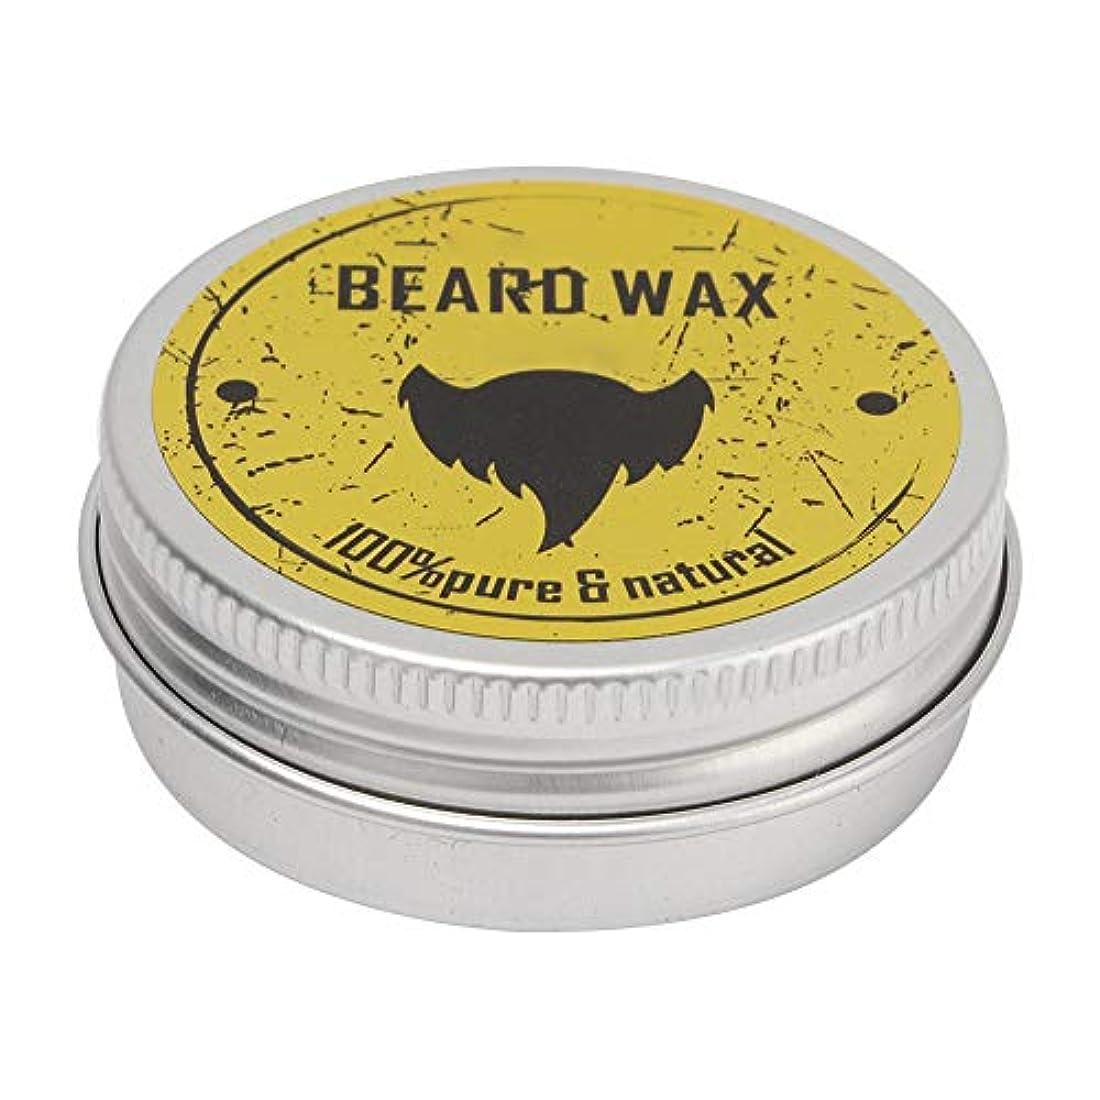 ボルト法的スキップひげの心配の香油、30mlひげの心配の人のひげの手入れをすることの男性の口ひげの心配のための保湿ワックスを手入れをすること